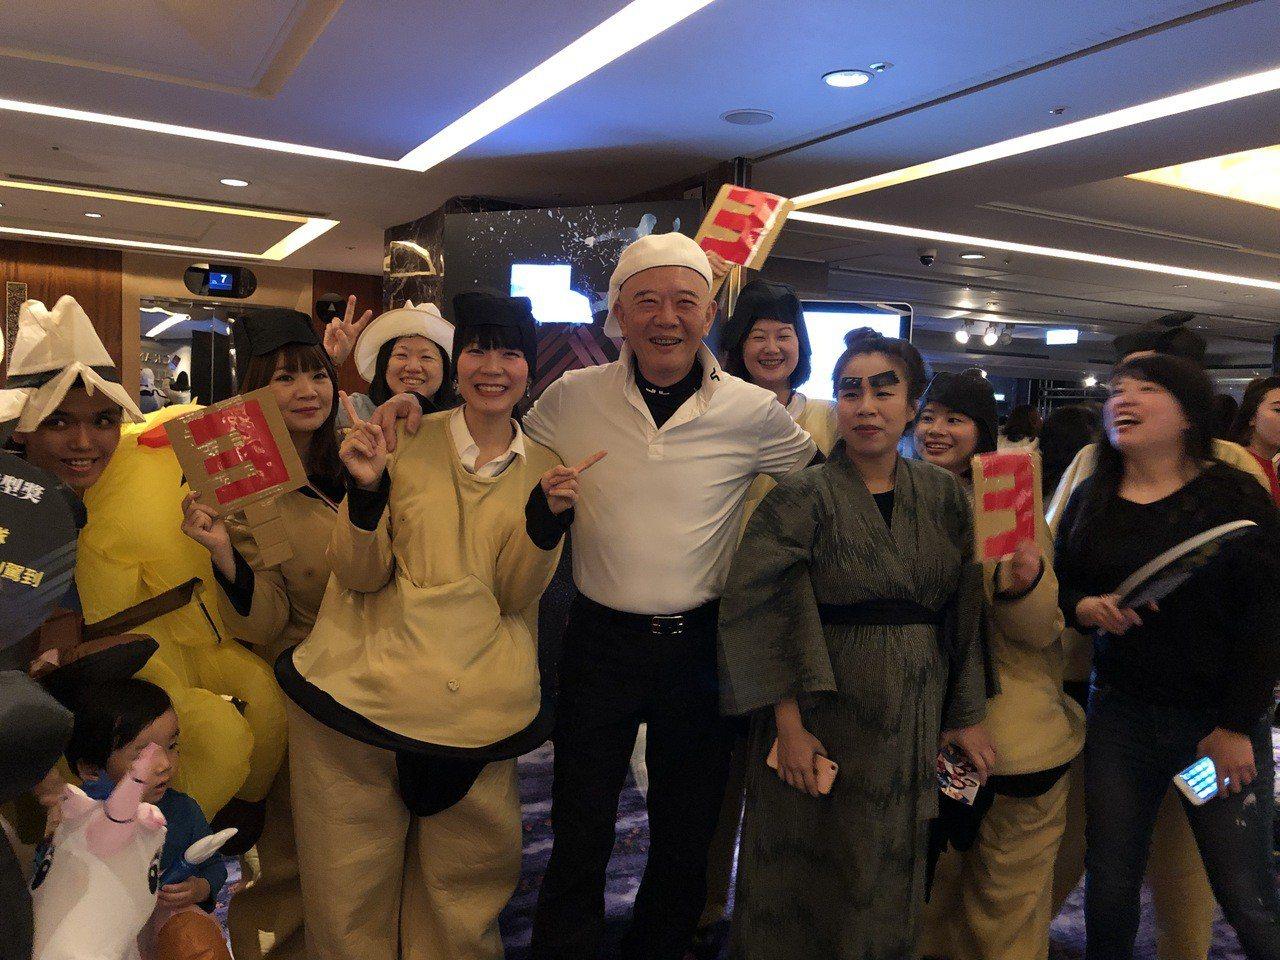 特力集團總裁何湯雄(中),今天出席尾牙與員工同樂。記者黃文奇/攝影